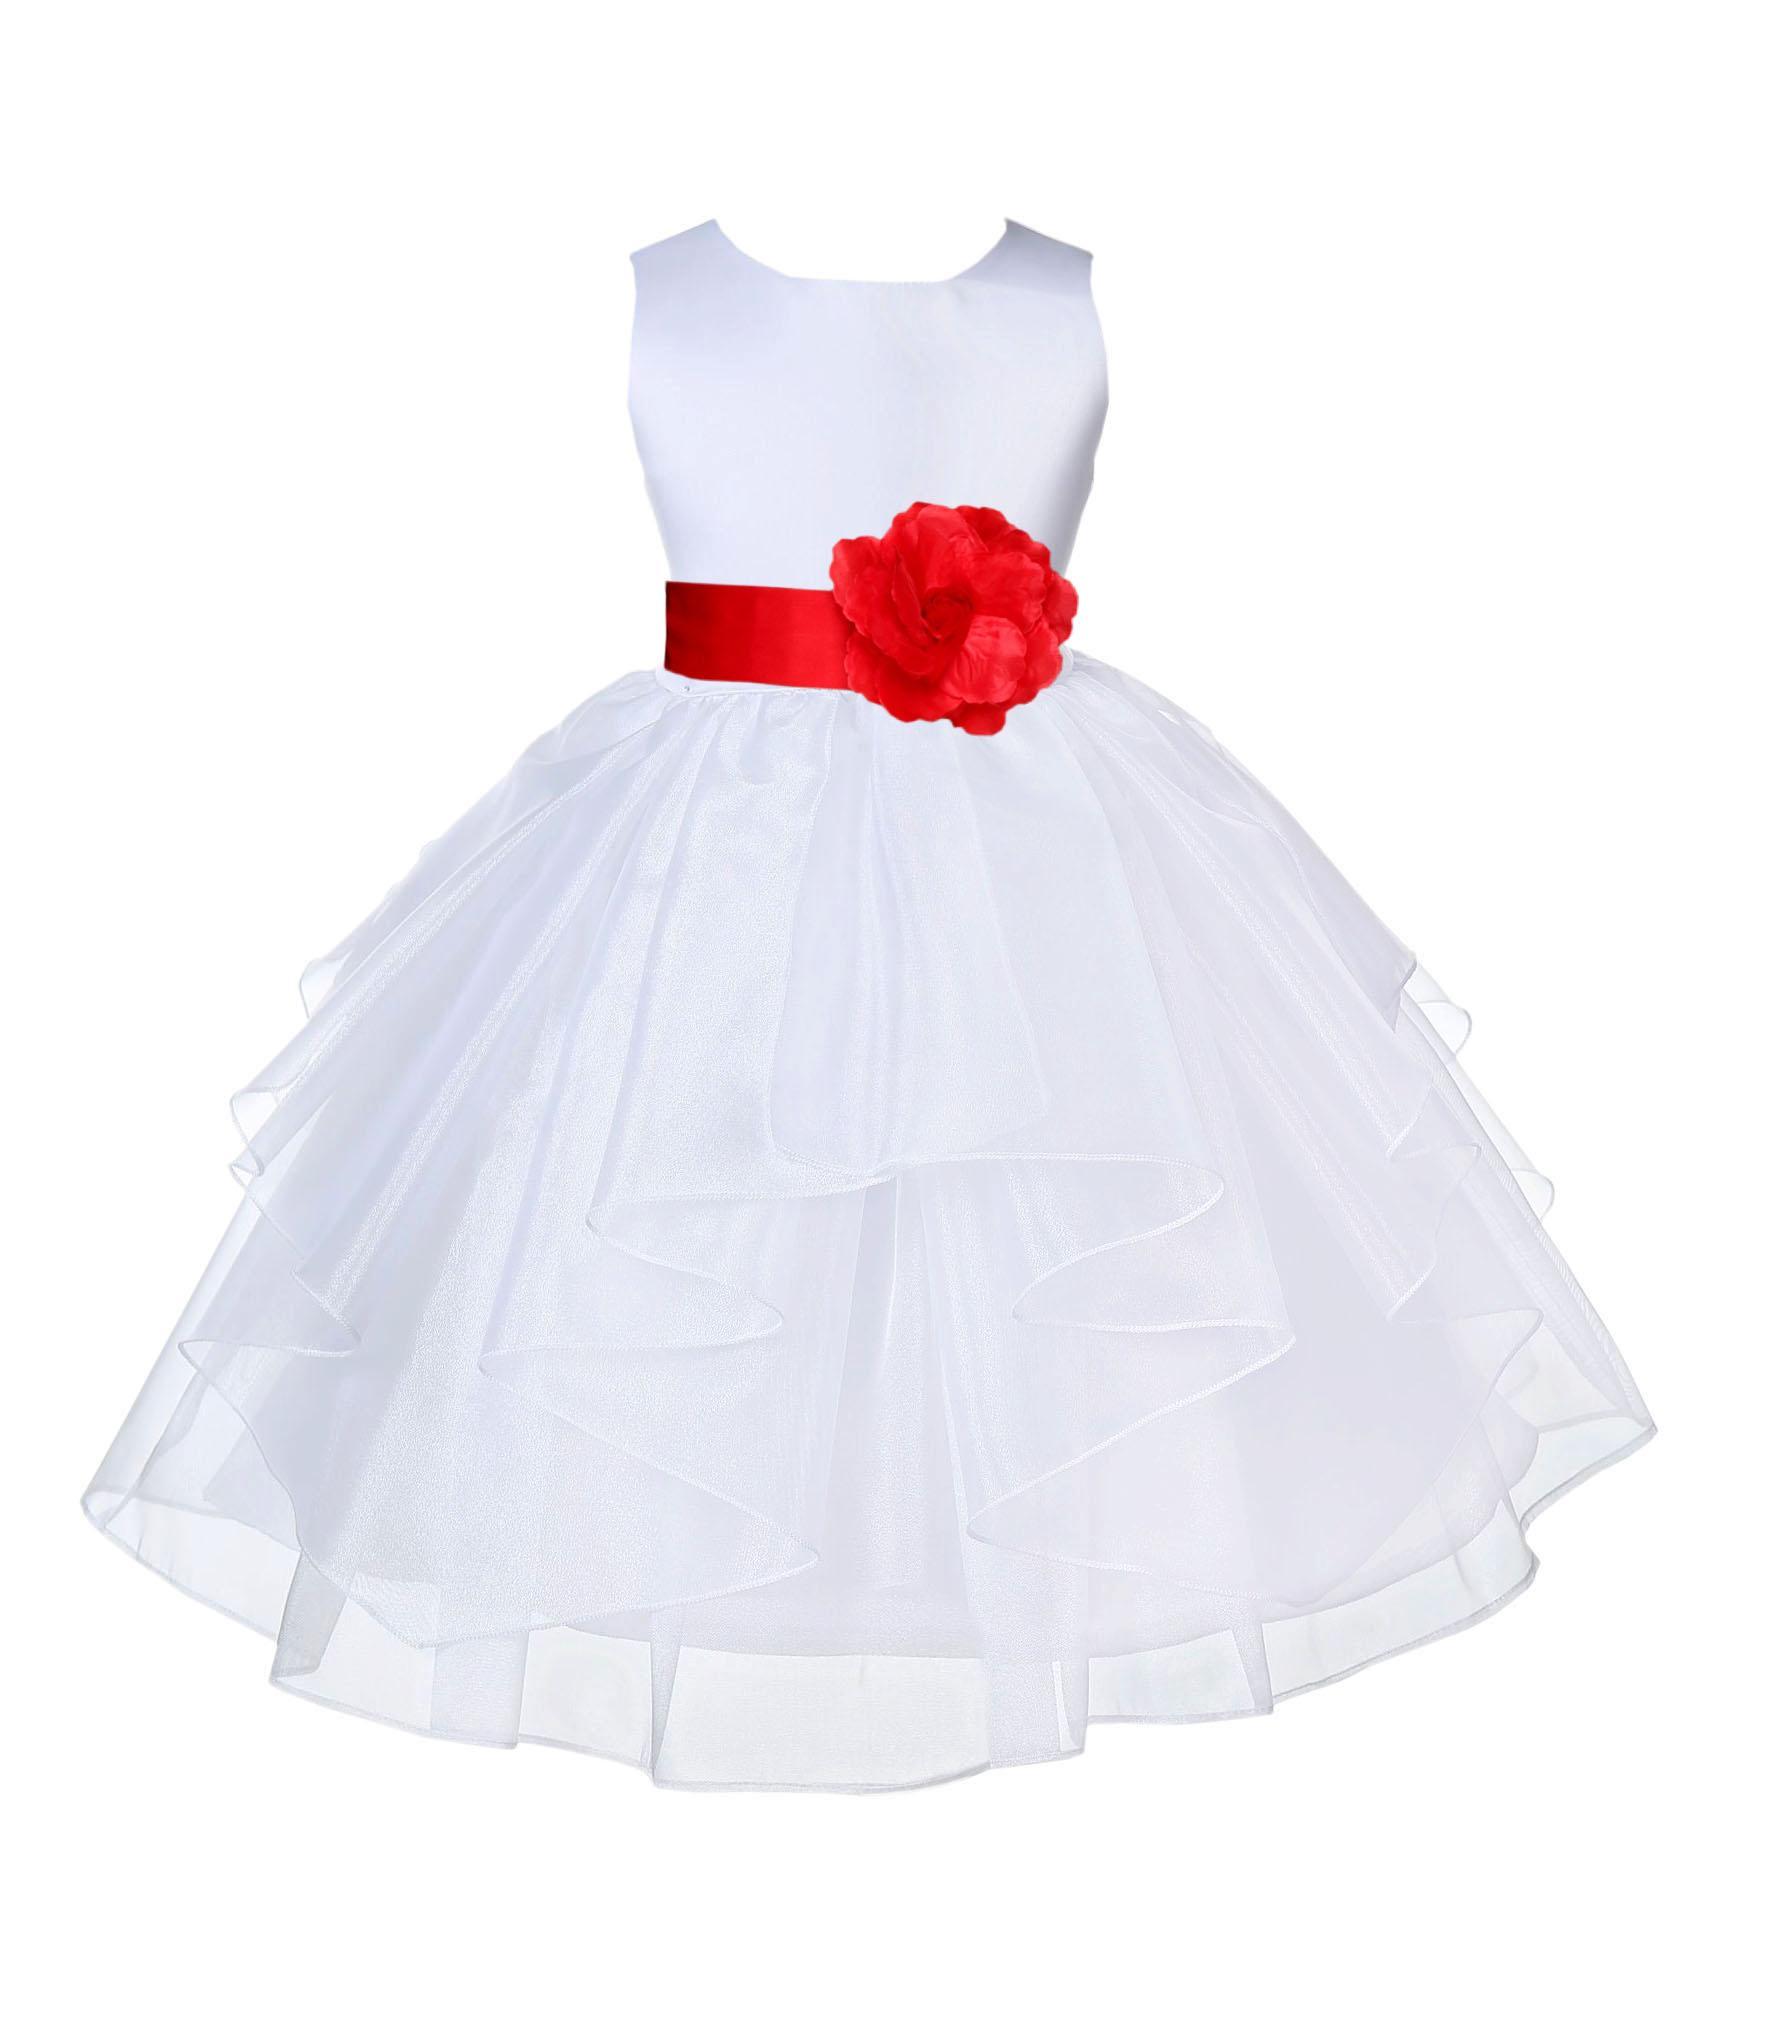 Red flower girl dress White lace infant dress Baby flower girl dress Baby wedding dress Red tutu dress Toddler dress Boho Chic Tulle dress